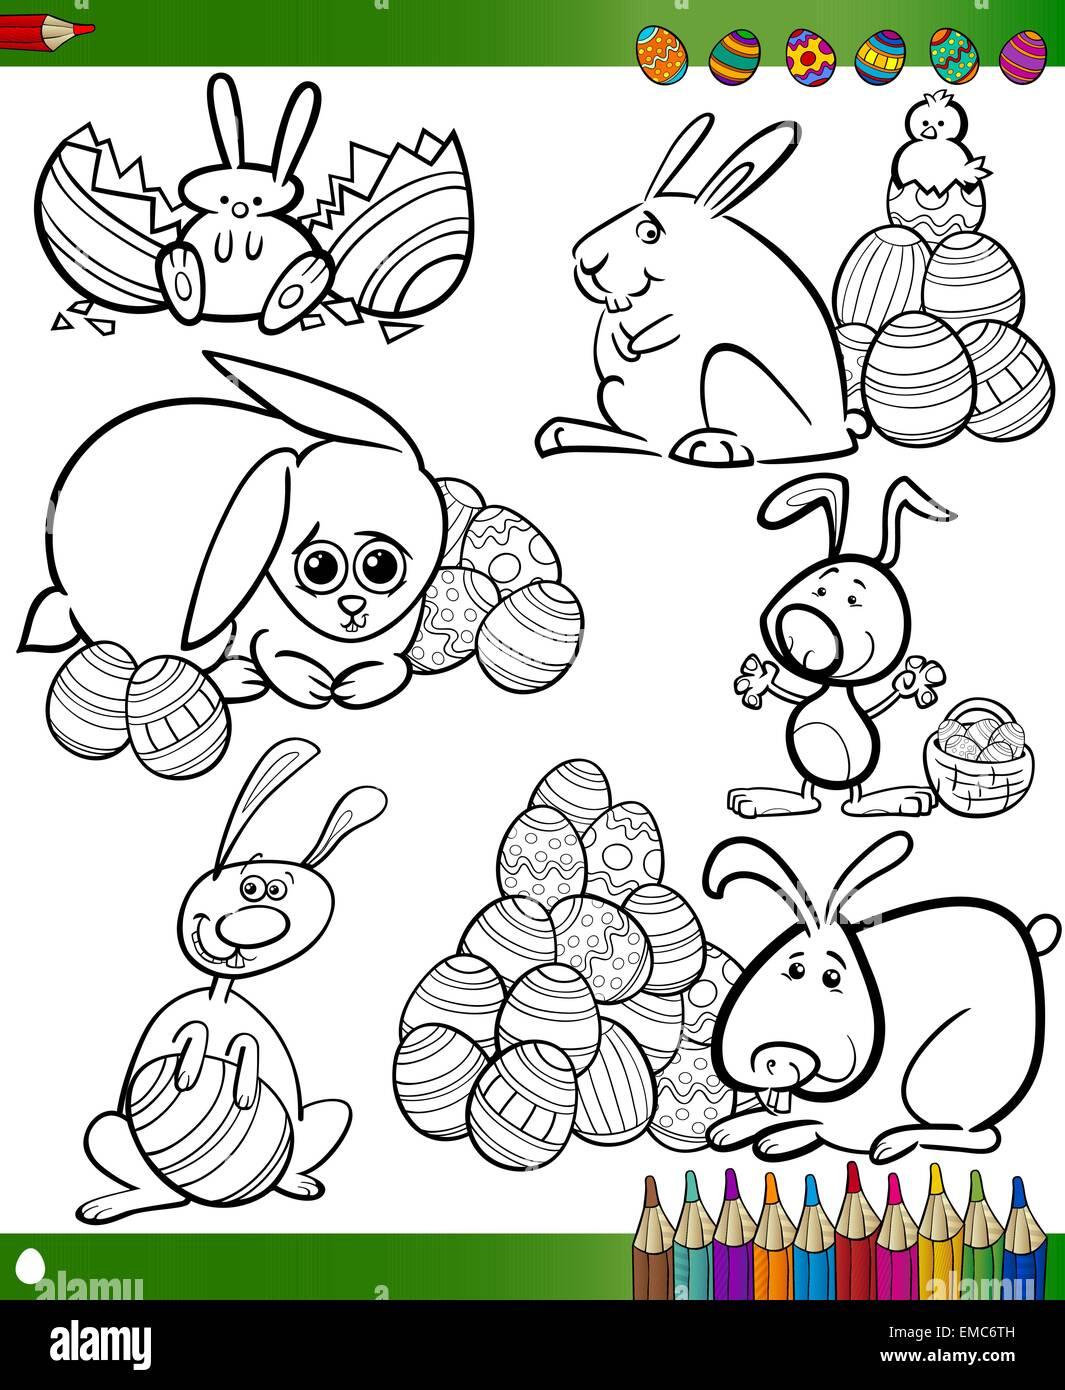 Libro para colorear dibujos animados para la pascua Ilustración del ...